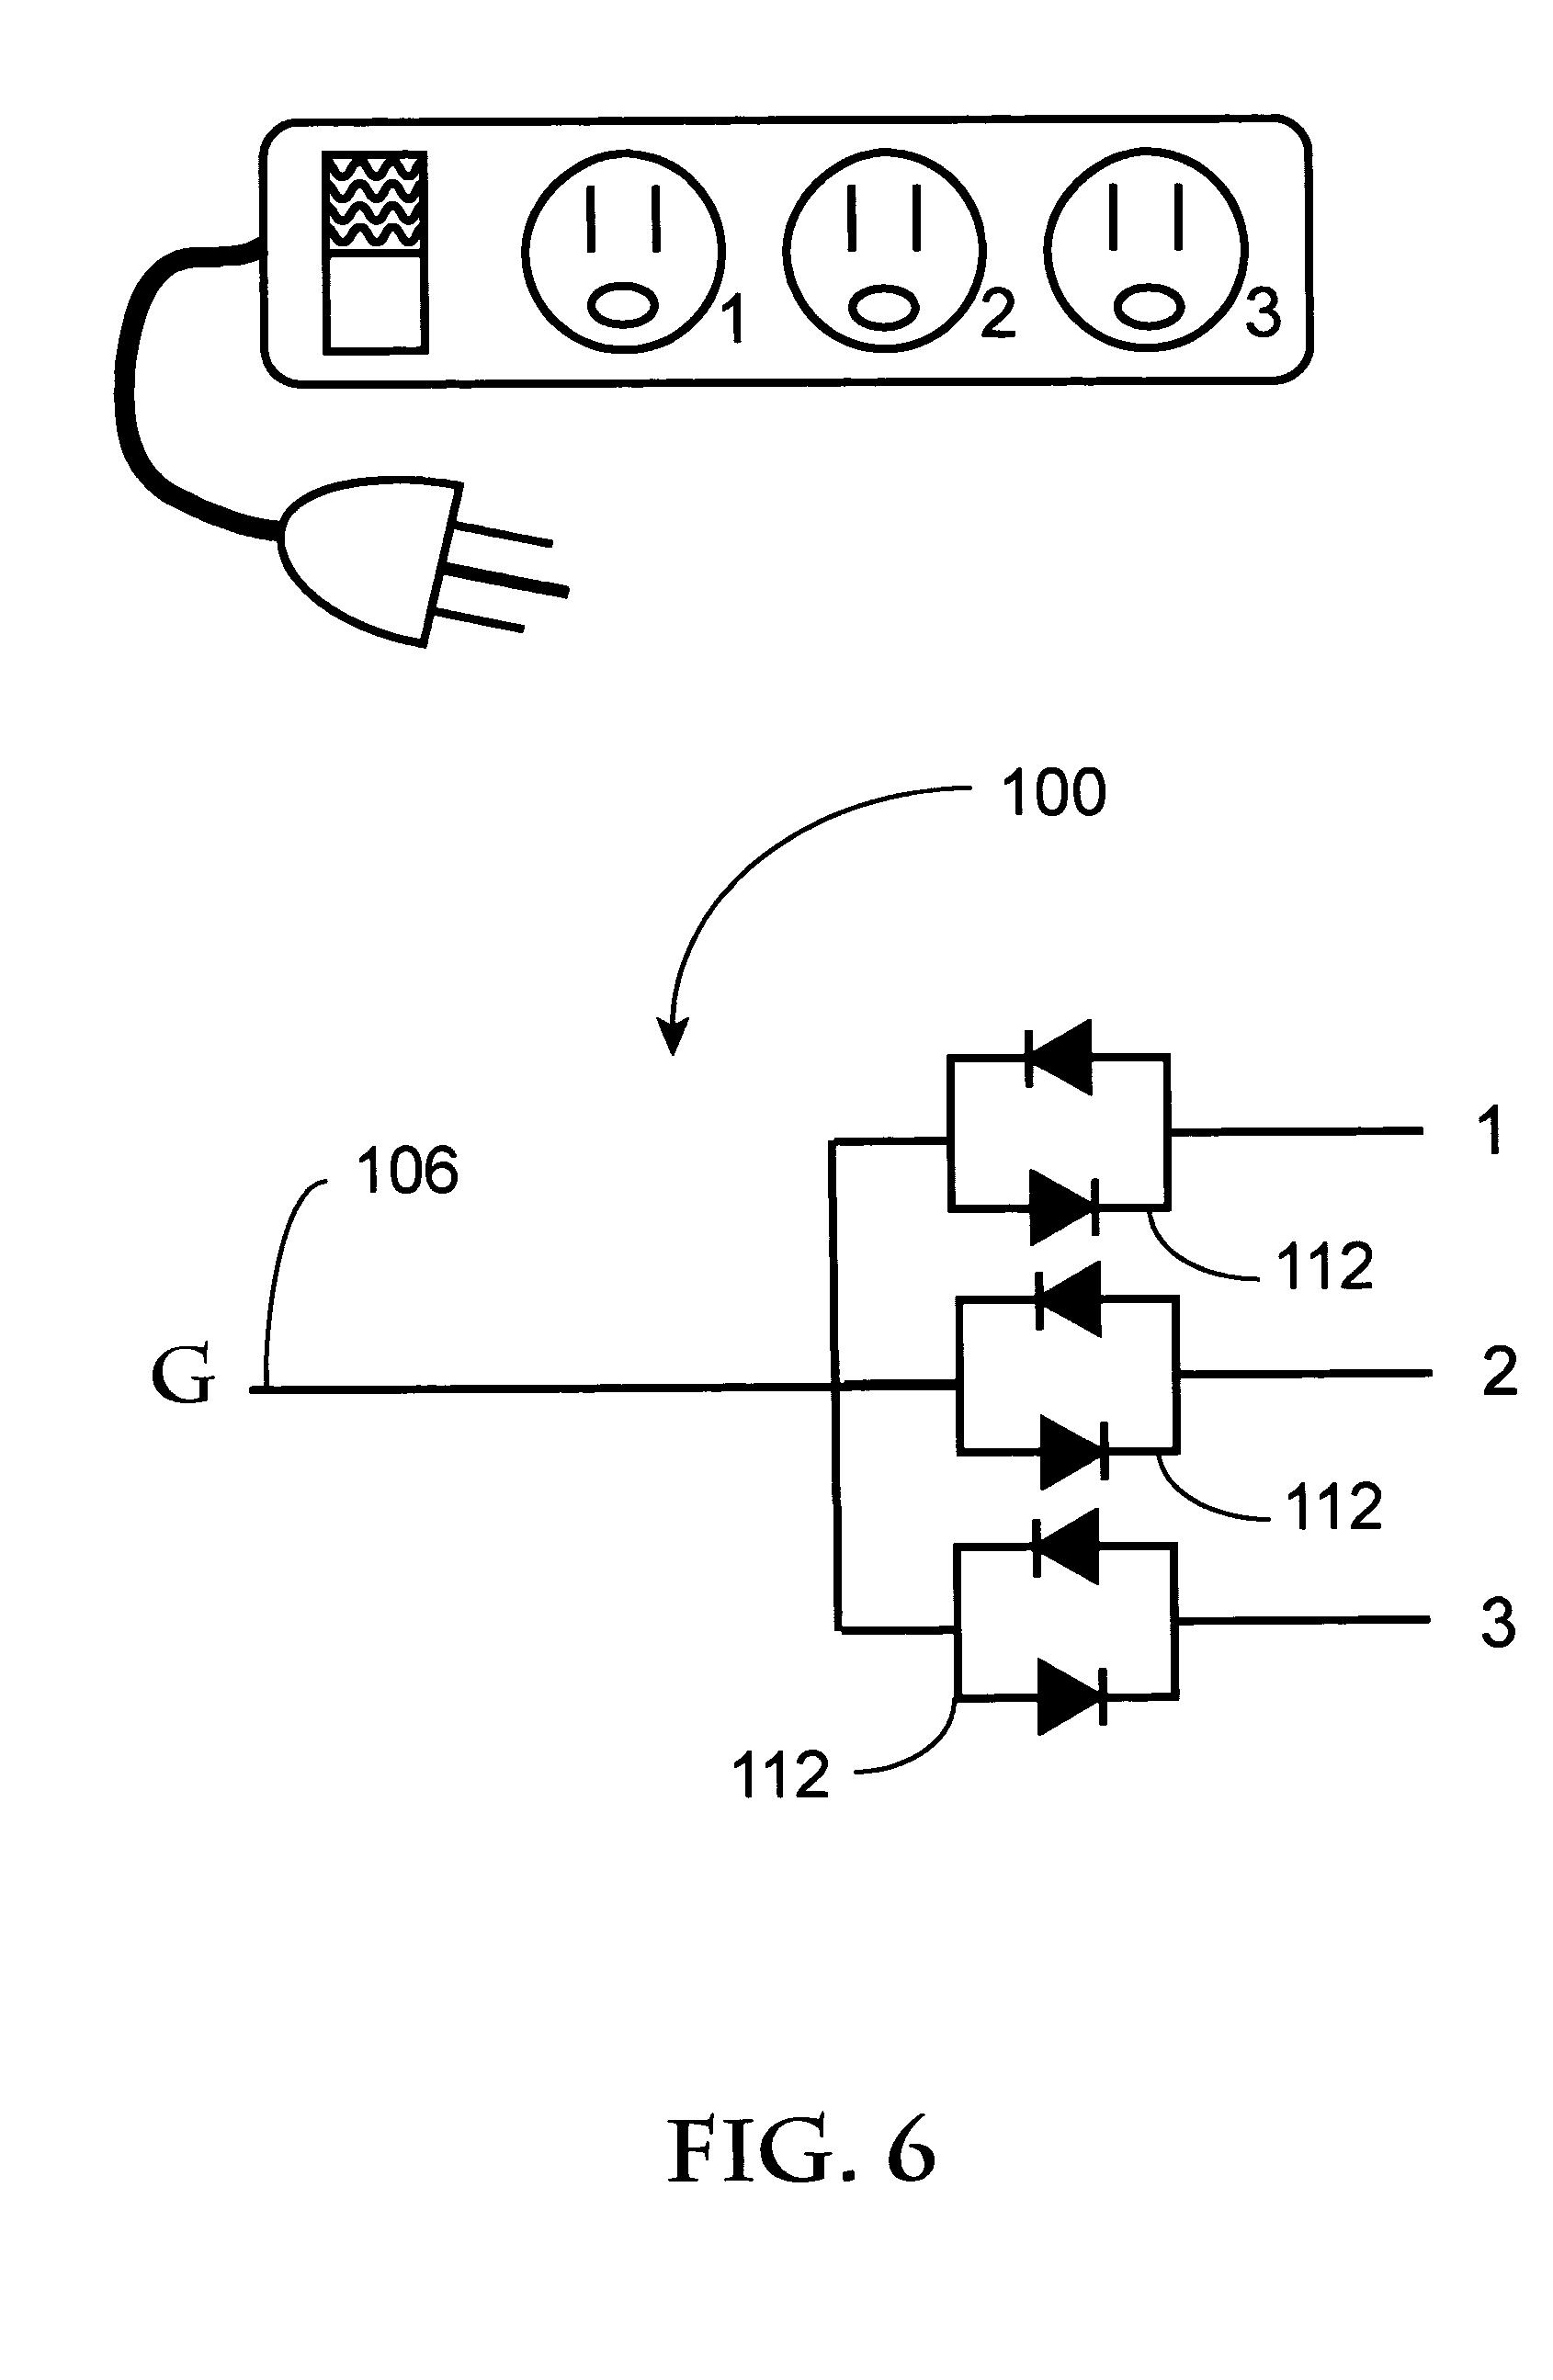 A 20 Amp Plug Wiring